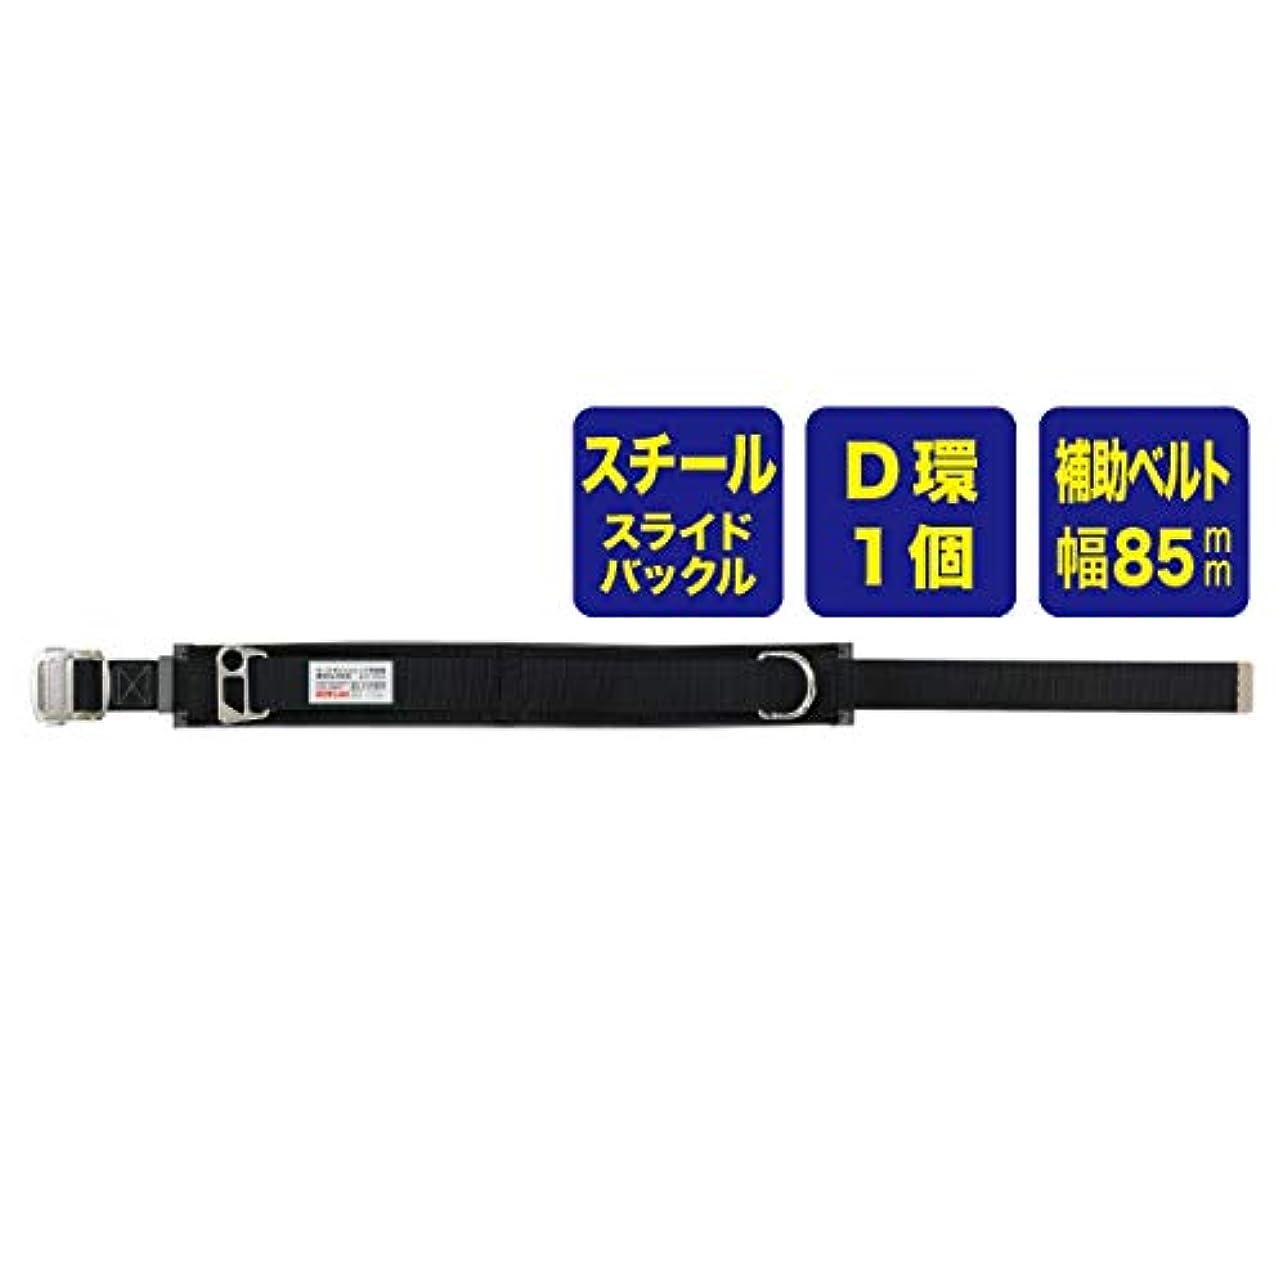 人間毎年インフラデンサン ワークポジショニング用器具 WP-45DS-1BK [並行輸入品]